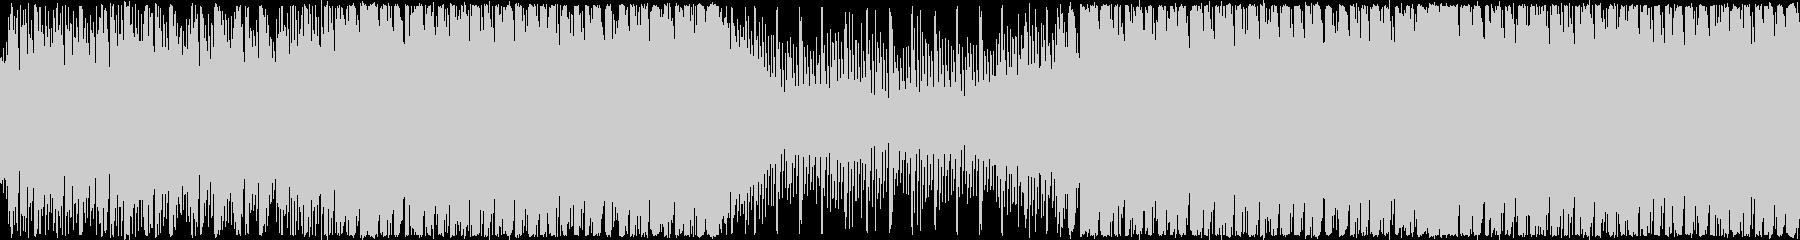 楽しくてかわいい洋楽EDM・ループの未再生の波形